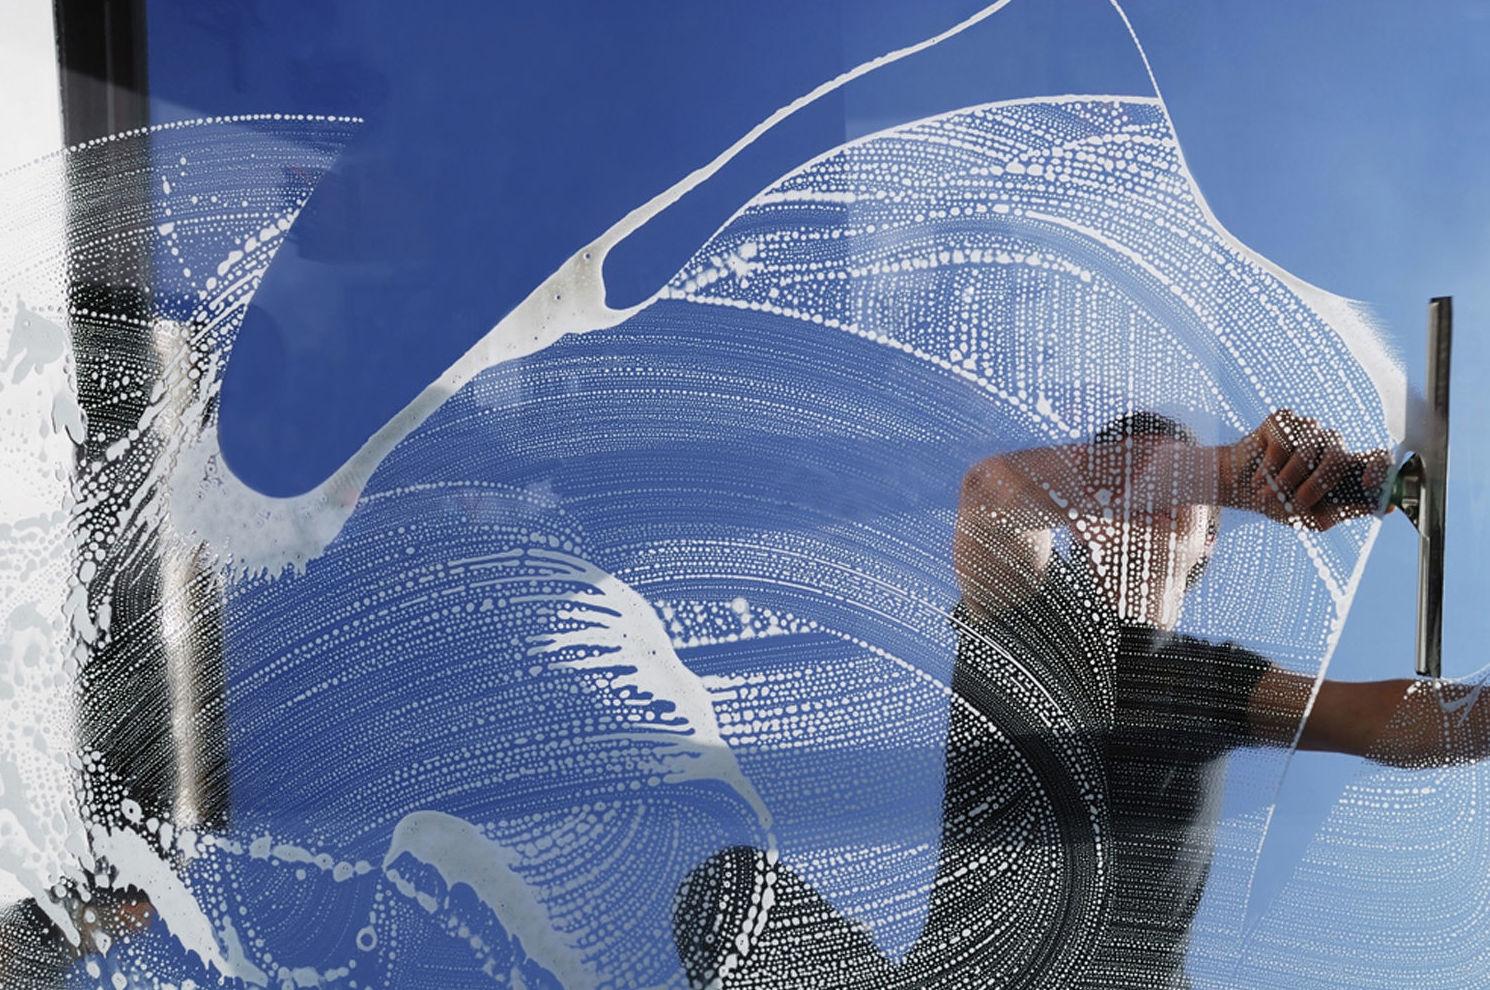 Limpieza de cristales y ventanas en Bizkaia